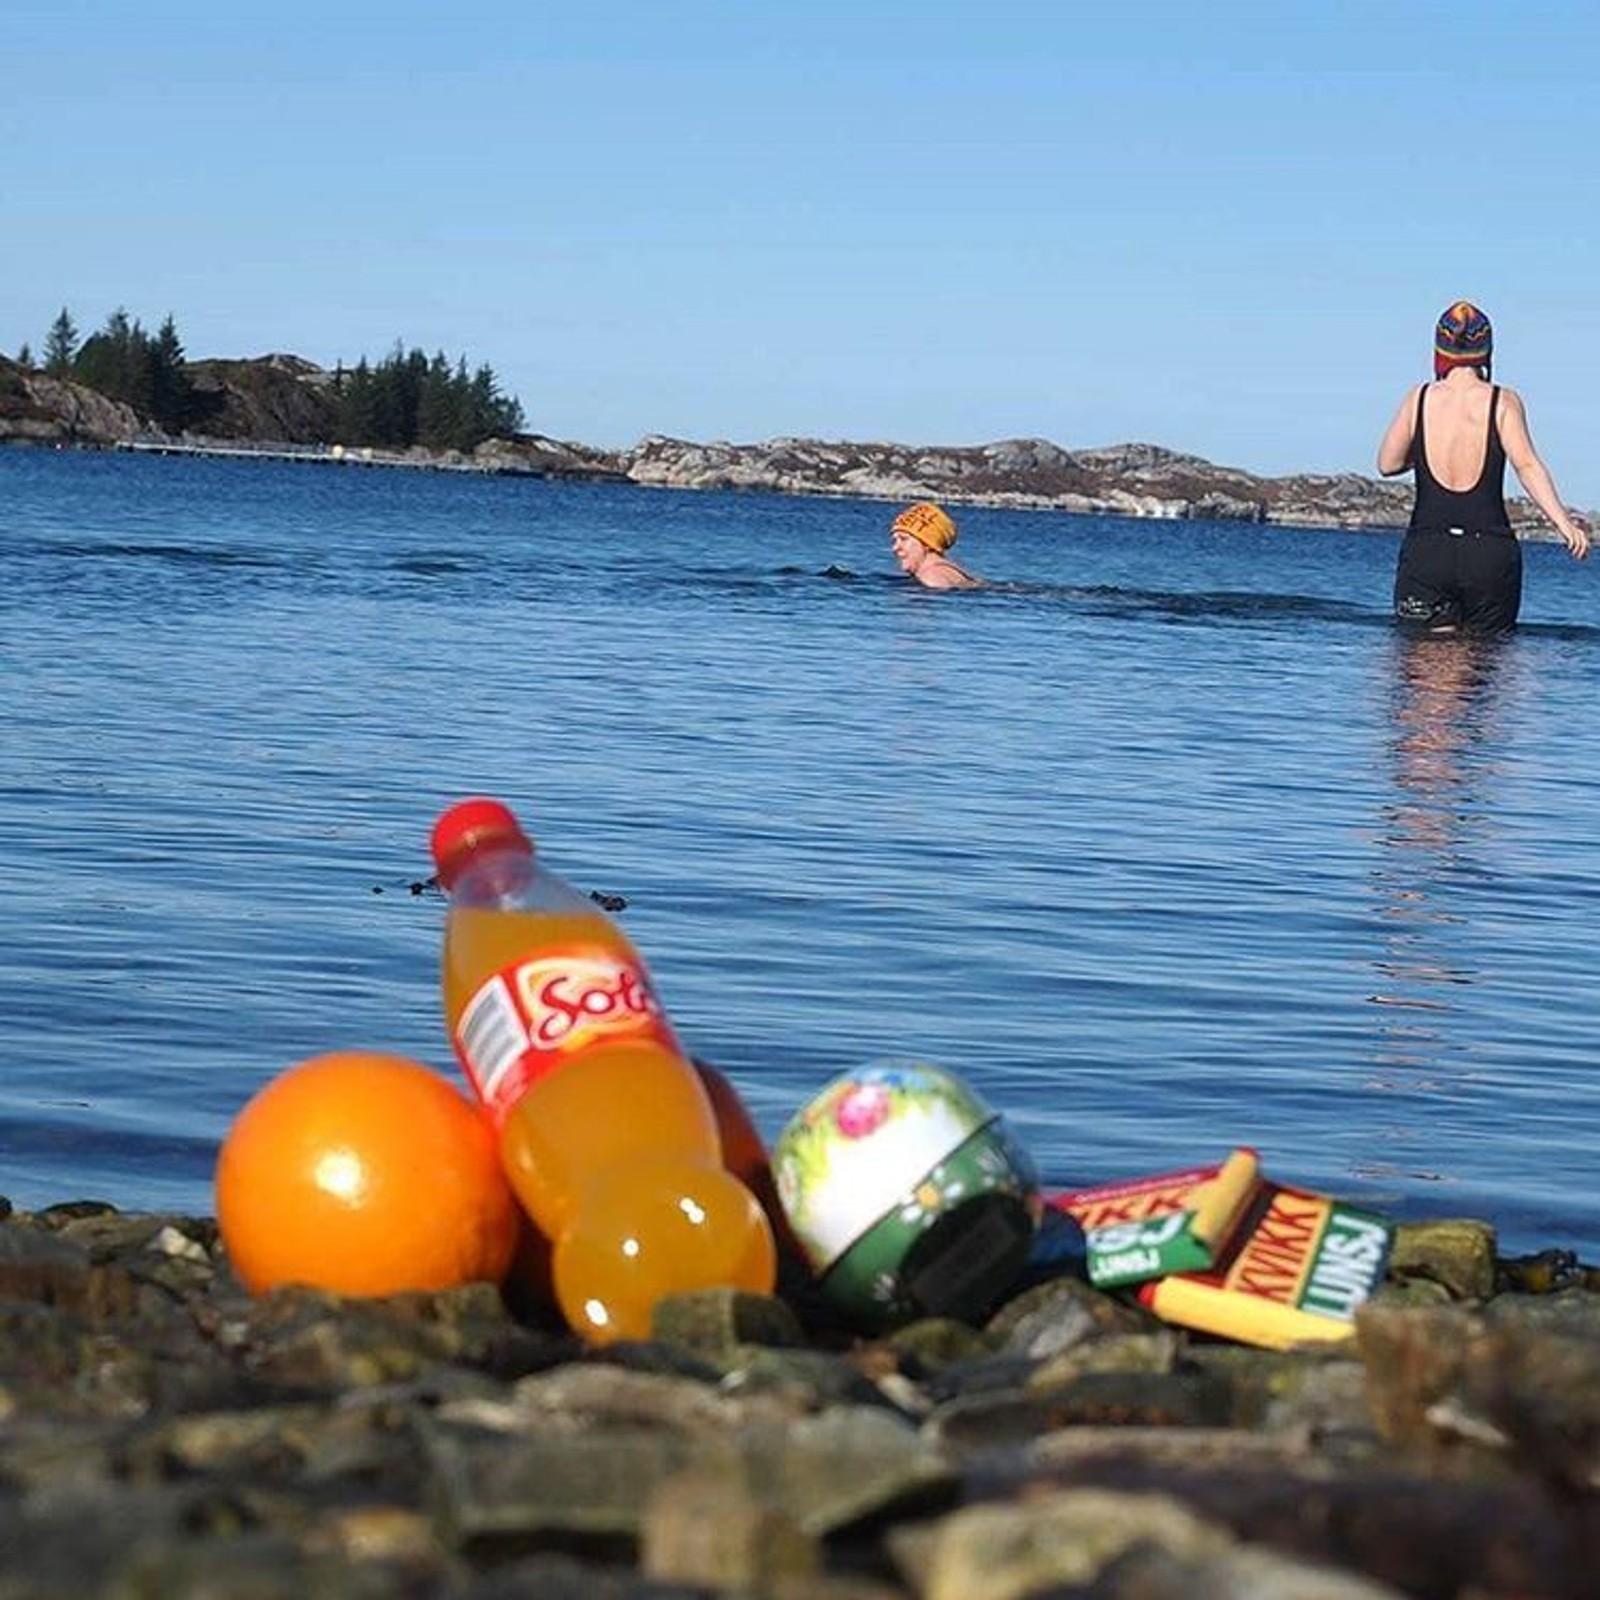 Friskt! Sjølv om sola skin, er nok ikkje temperaturen i havet heilt på sommarnivå enda.